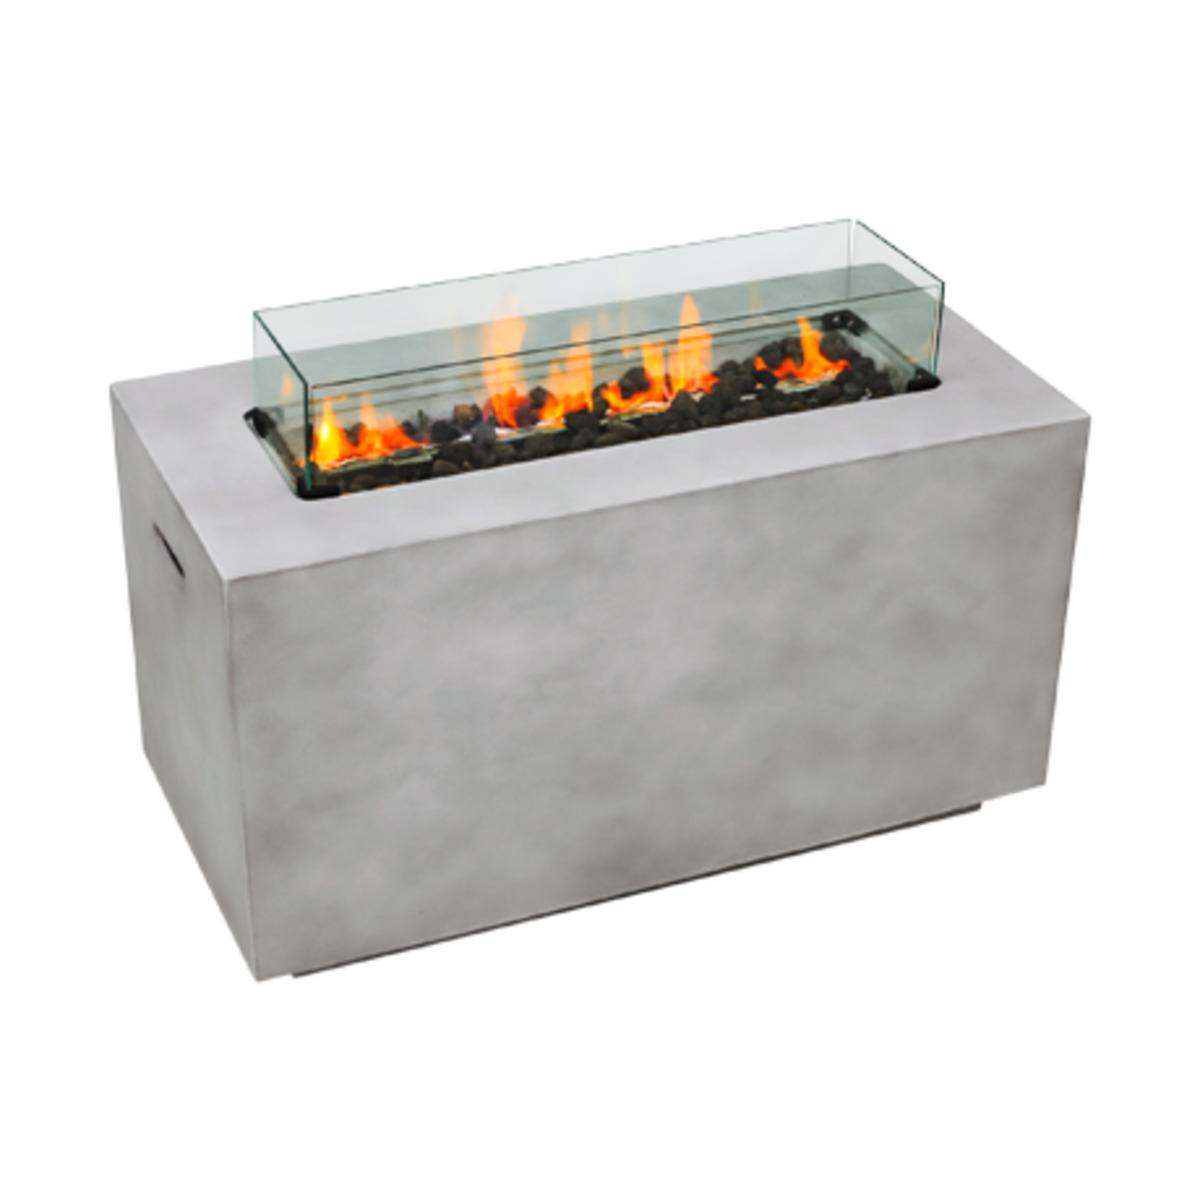 Bild 2 von Feuertisch Mailand